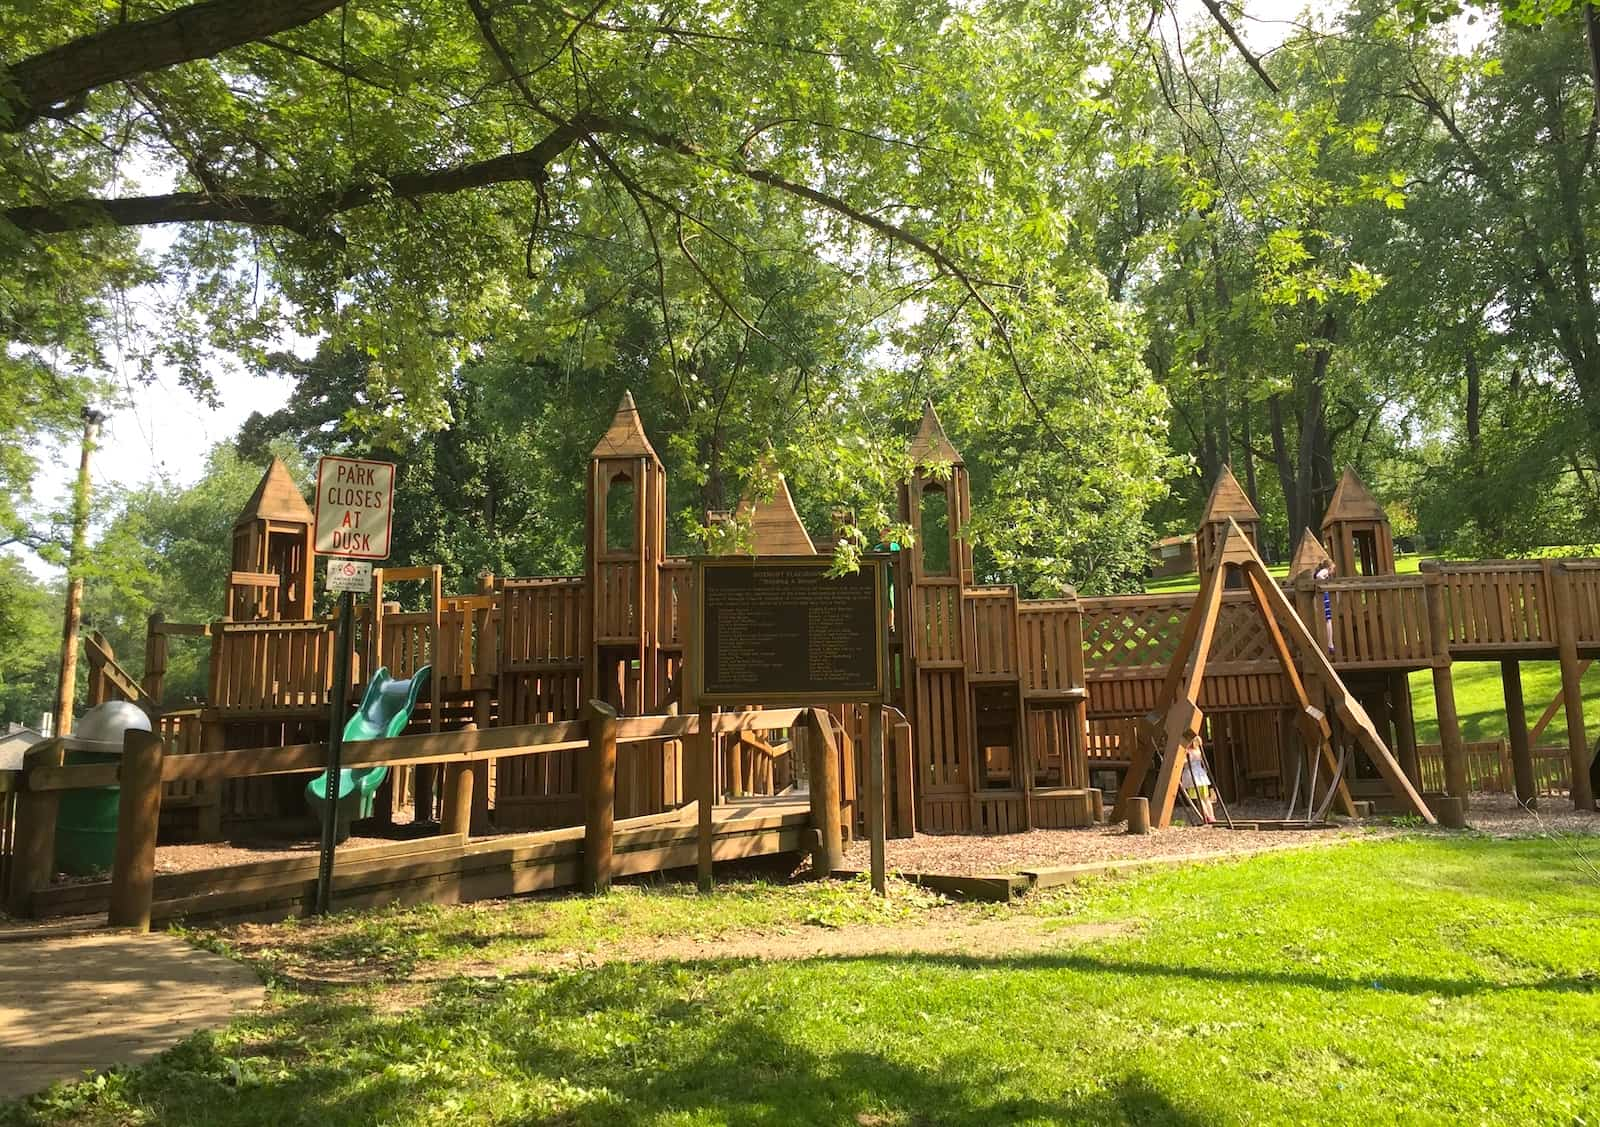 Dormont Playground